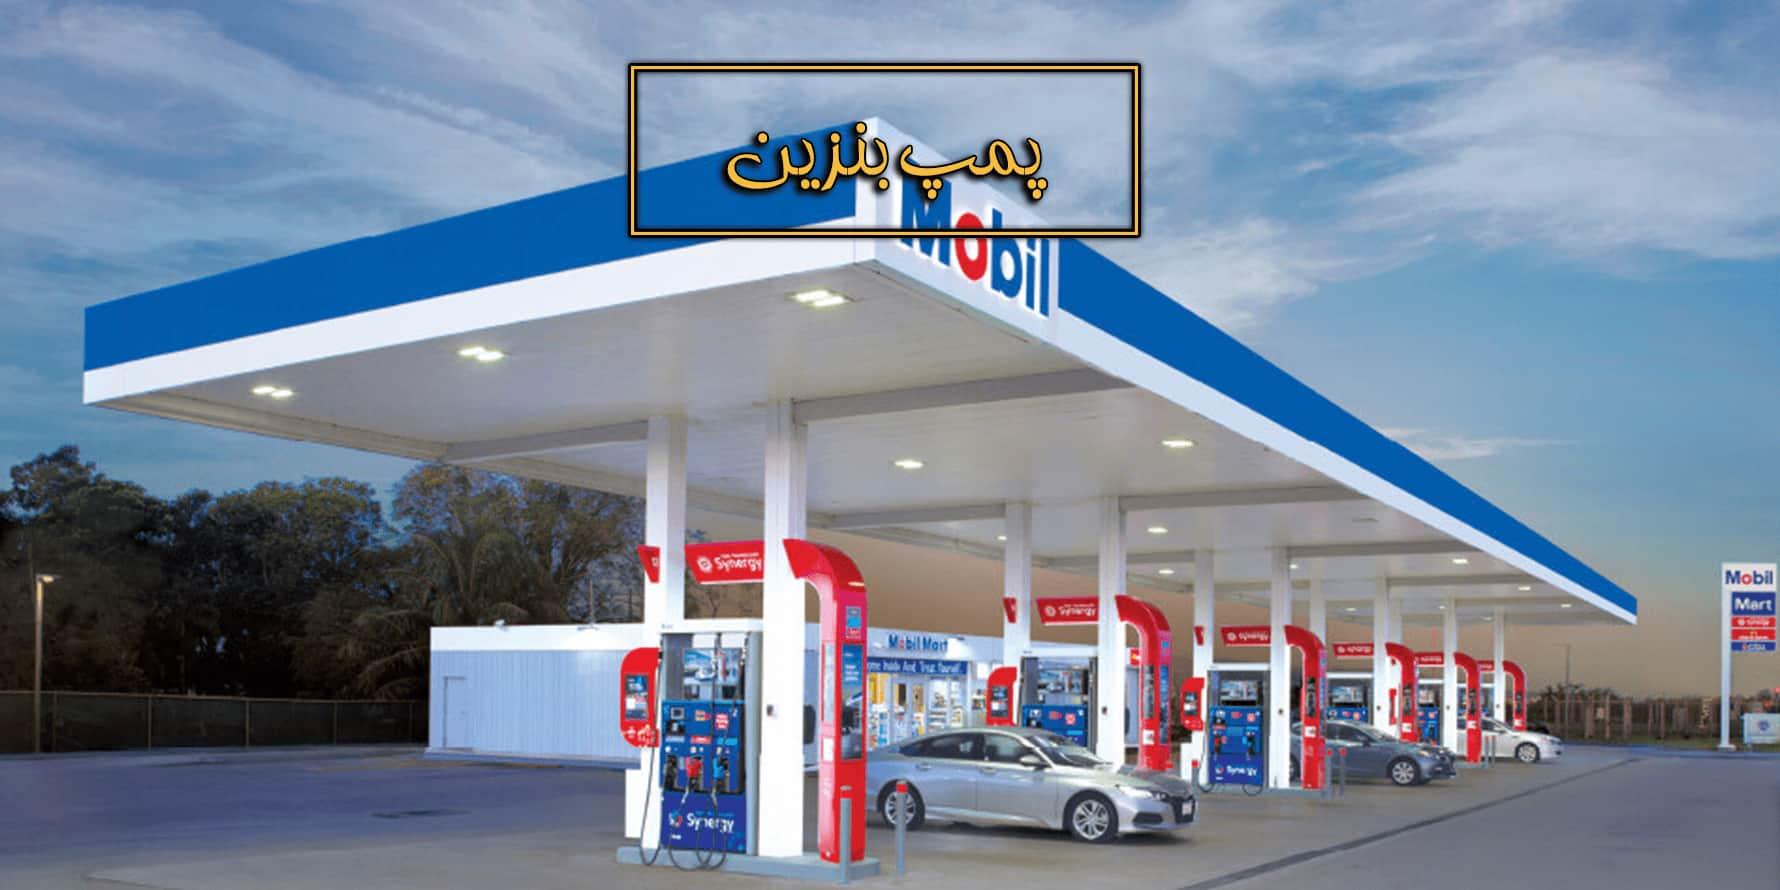 استفاده از تینکلاینت و زیروکلاینت در پمپ بنزین.jpg